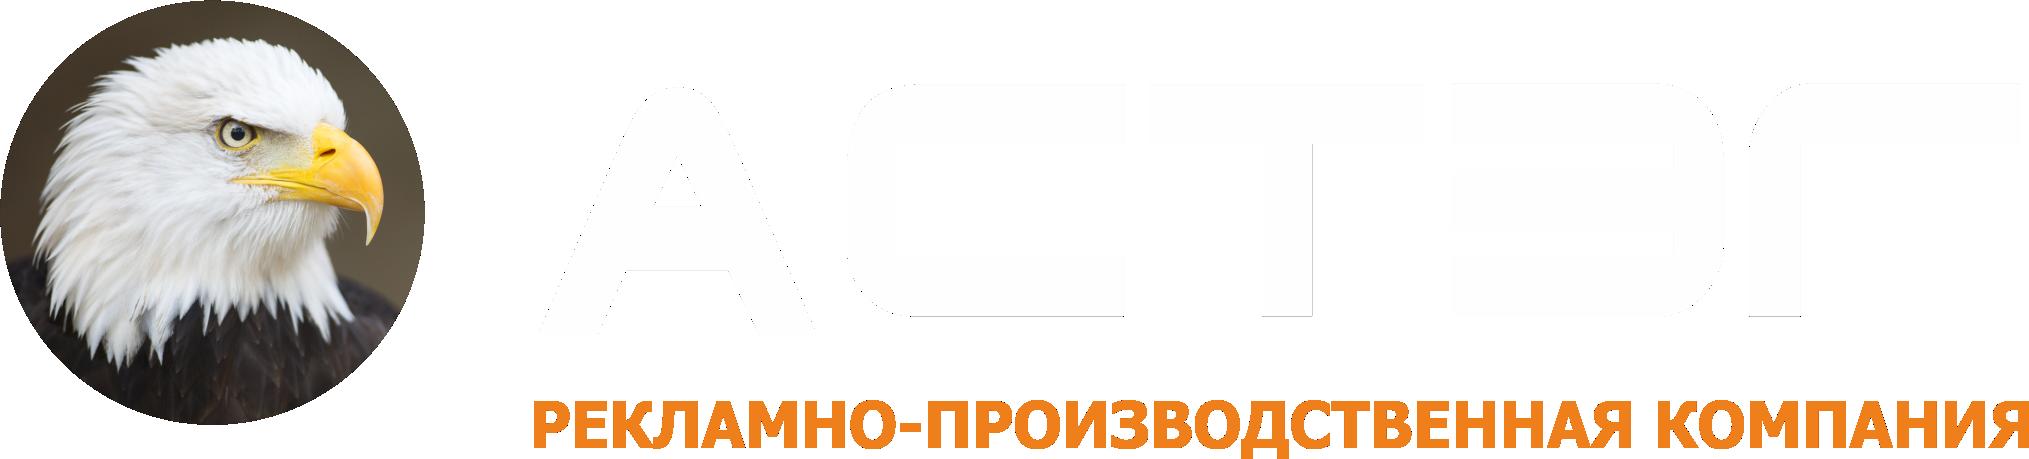 Рекламно-производственная компания «Астэг»